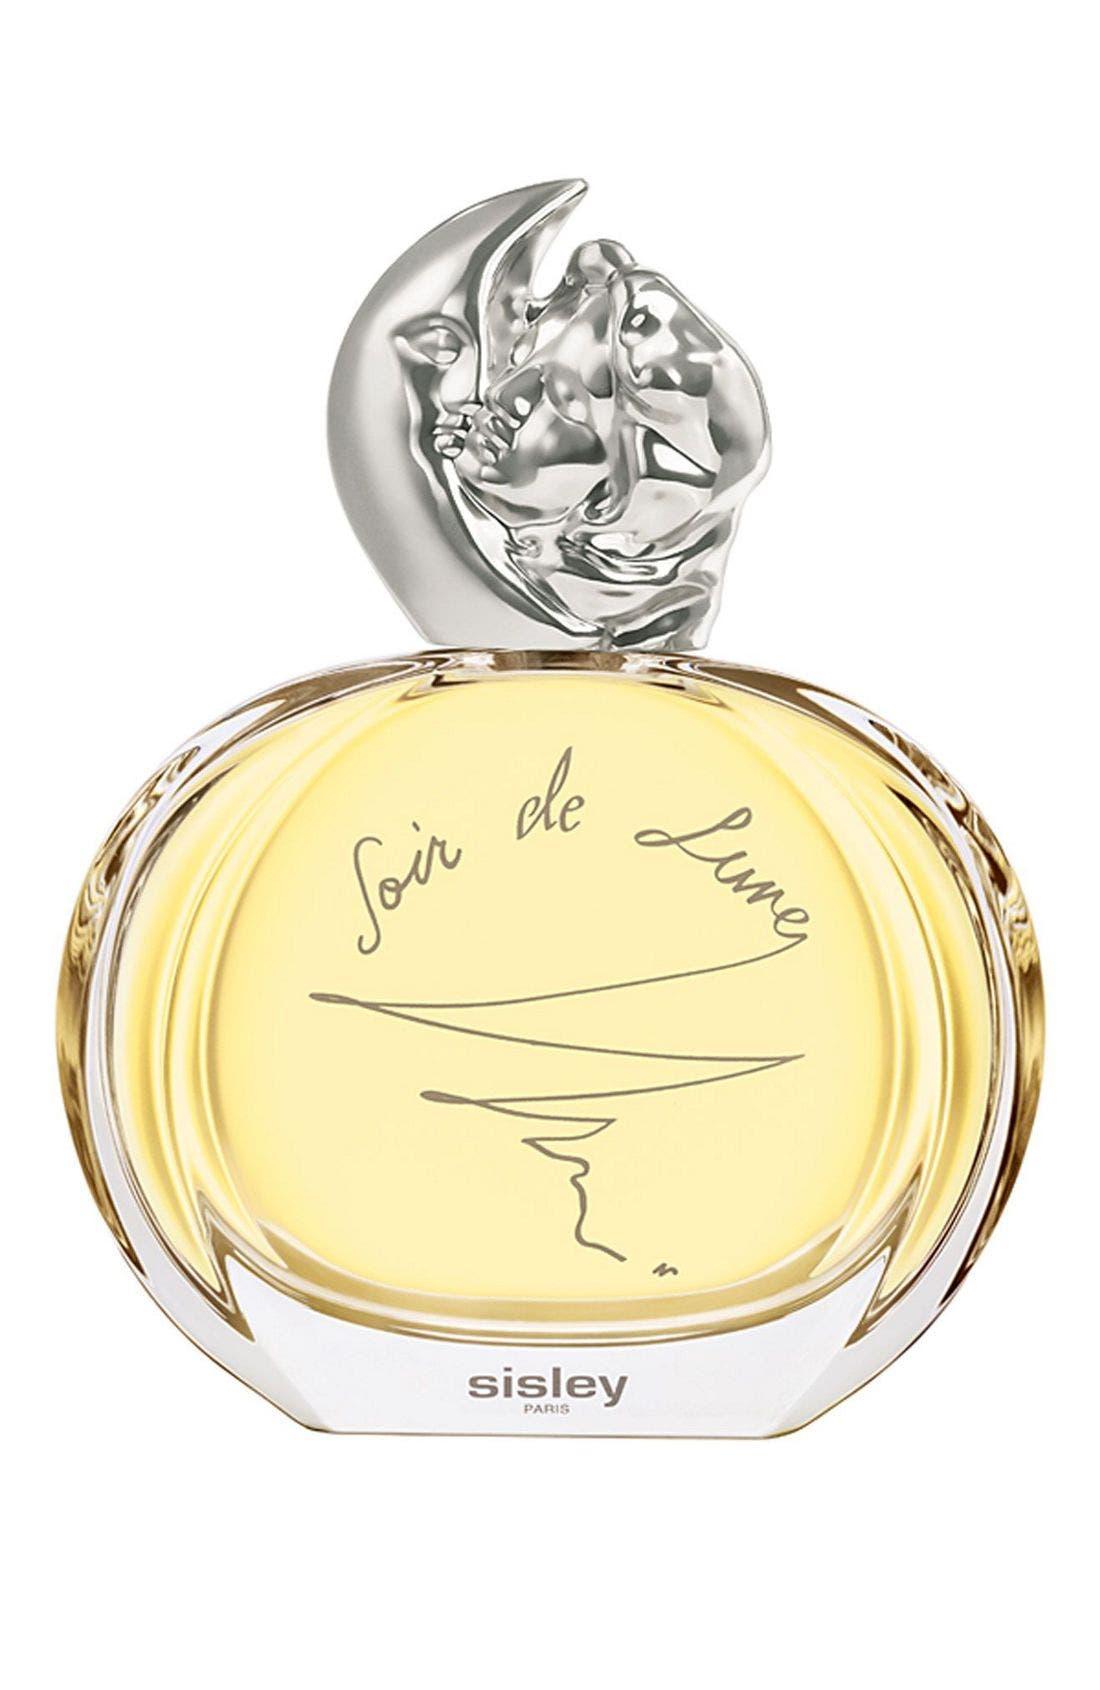 Sisley Paris Soir de Lune Eau de Parfum